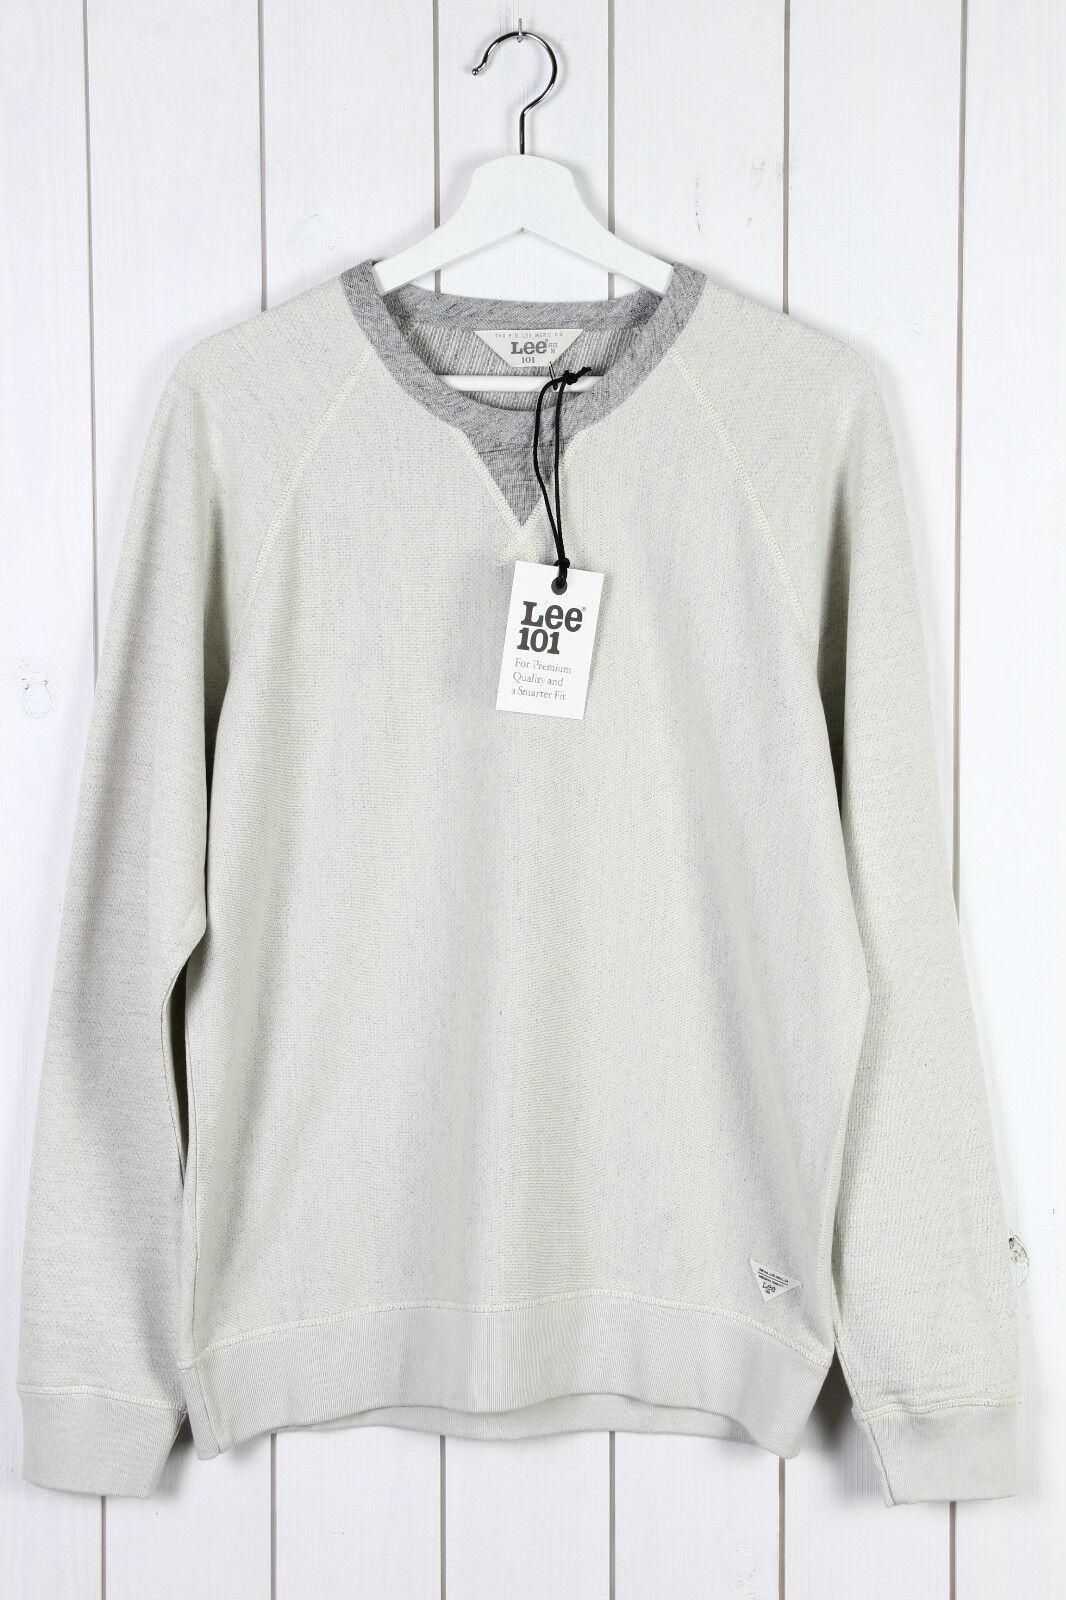 Neu Lee 101 Rundhals Sweatshirt Pulli Langarm Ecru / GRAU / M/L/XL/XXL